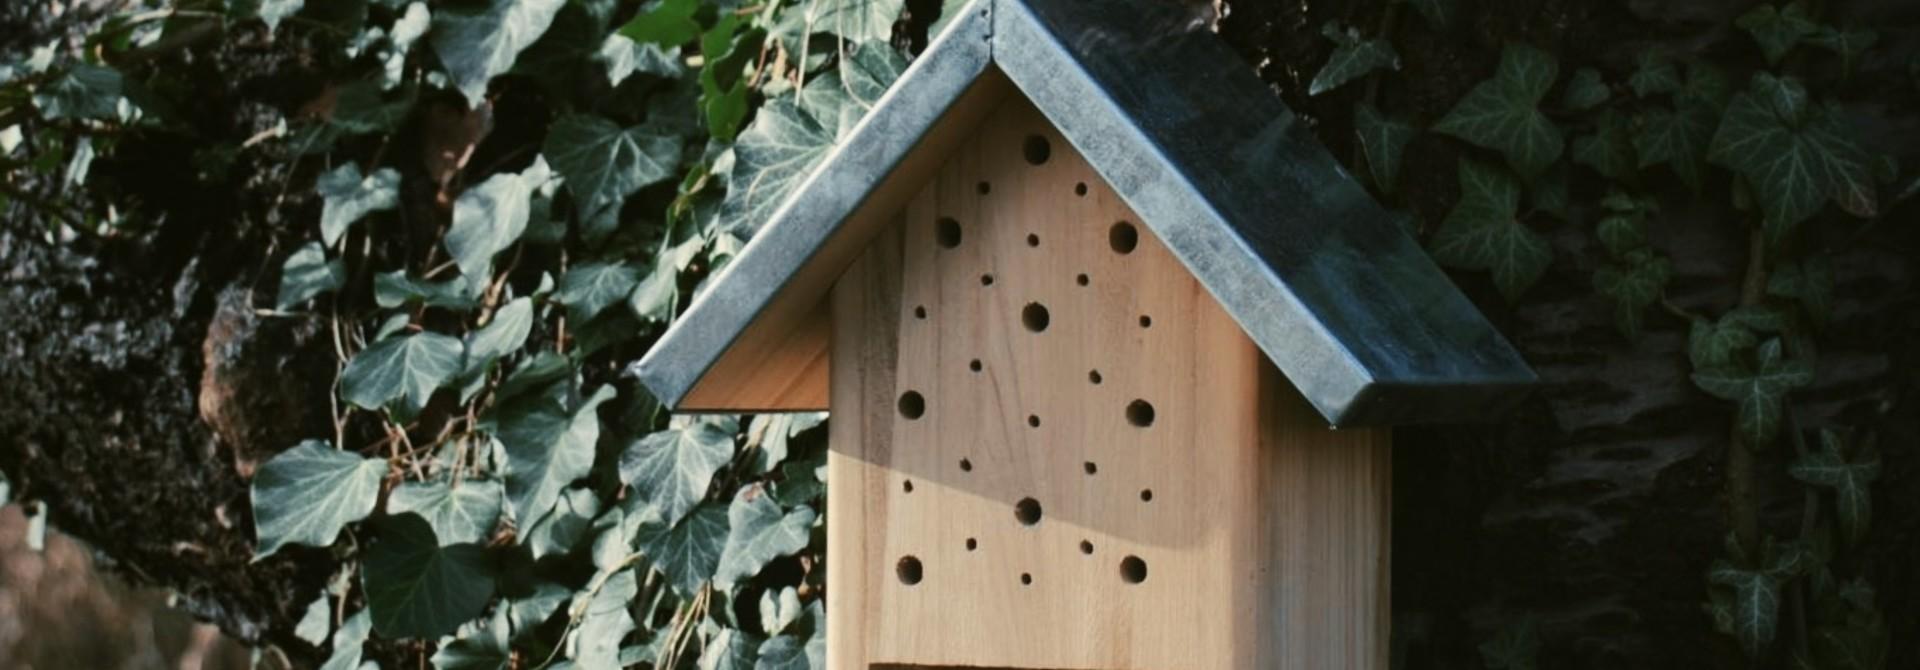 Insectenhotel - Vlinders en bijen